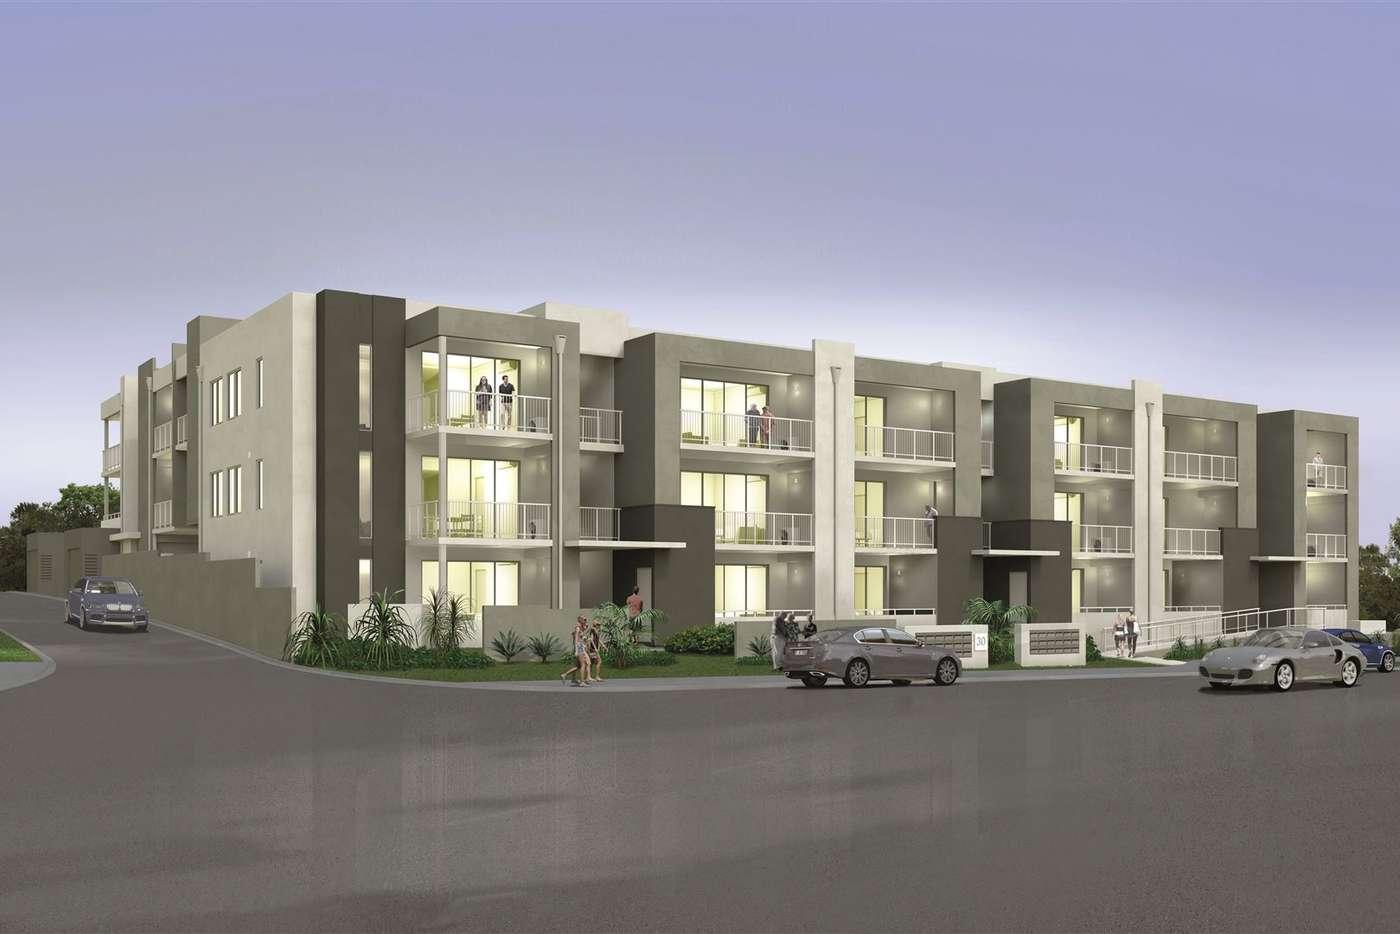 Main view of Homely blockOfUnits listing, 1-34 28 FOMIATTI, Ashby WA 6065